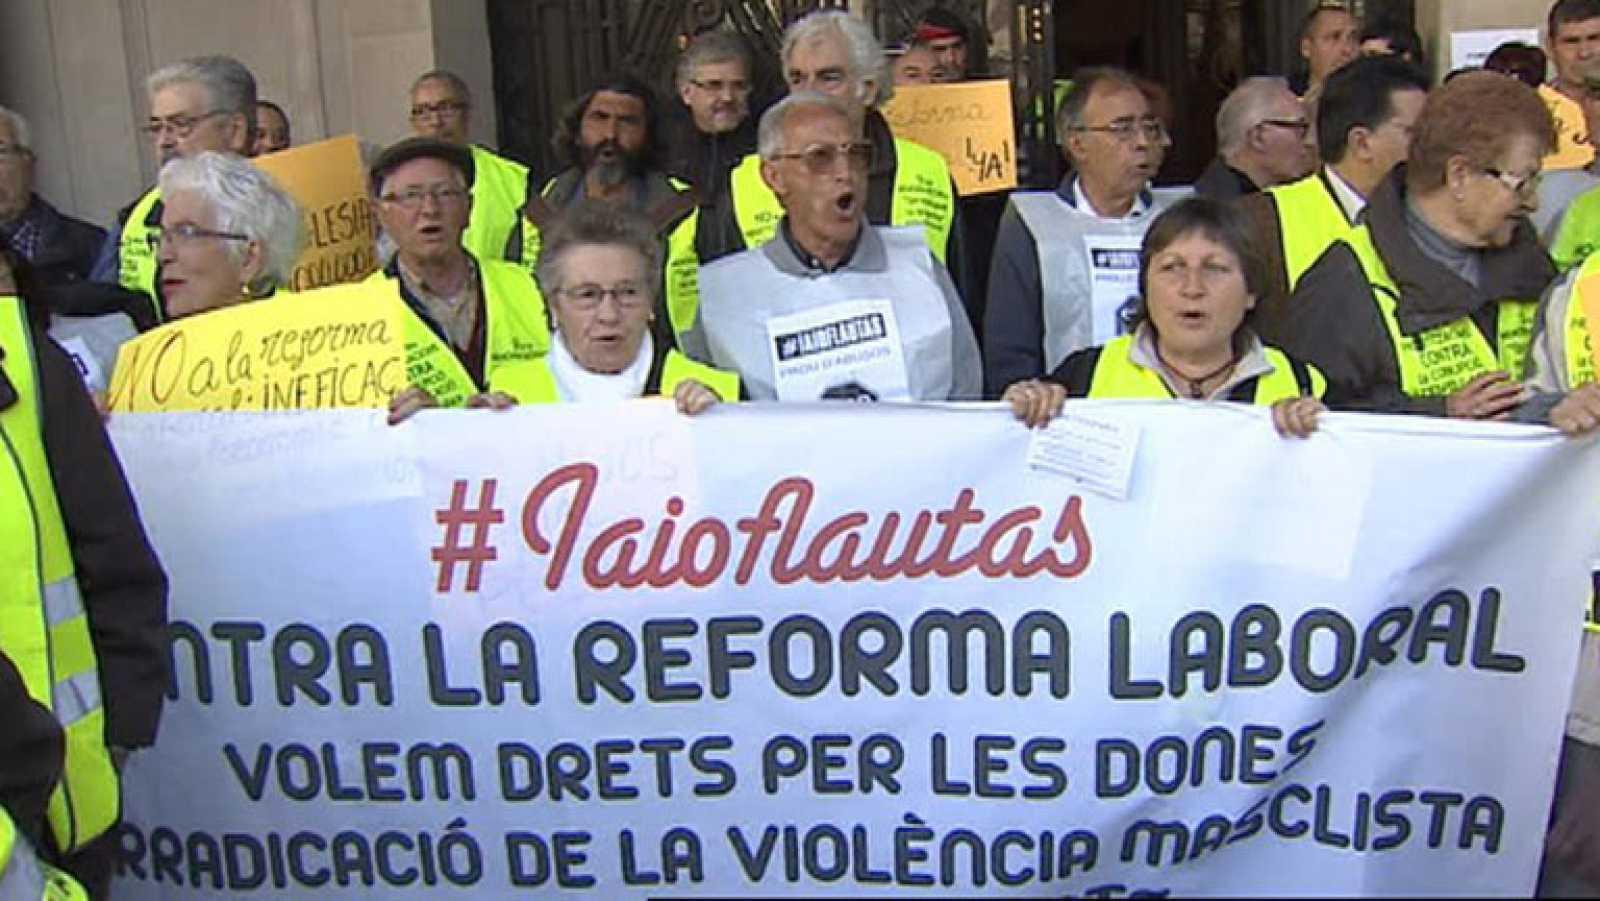 """Los """"iaioflautas"""" salen a las calles a defender los derechos públicos"""